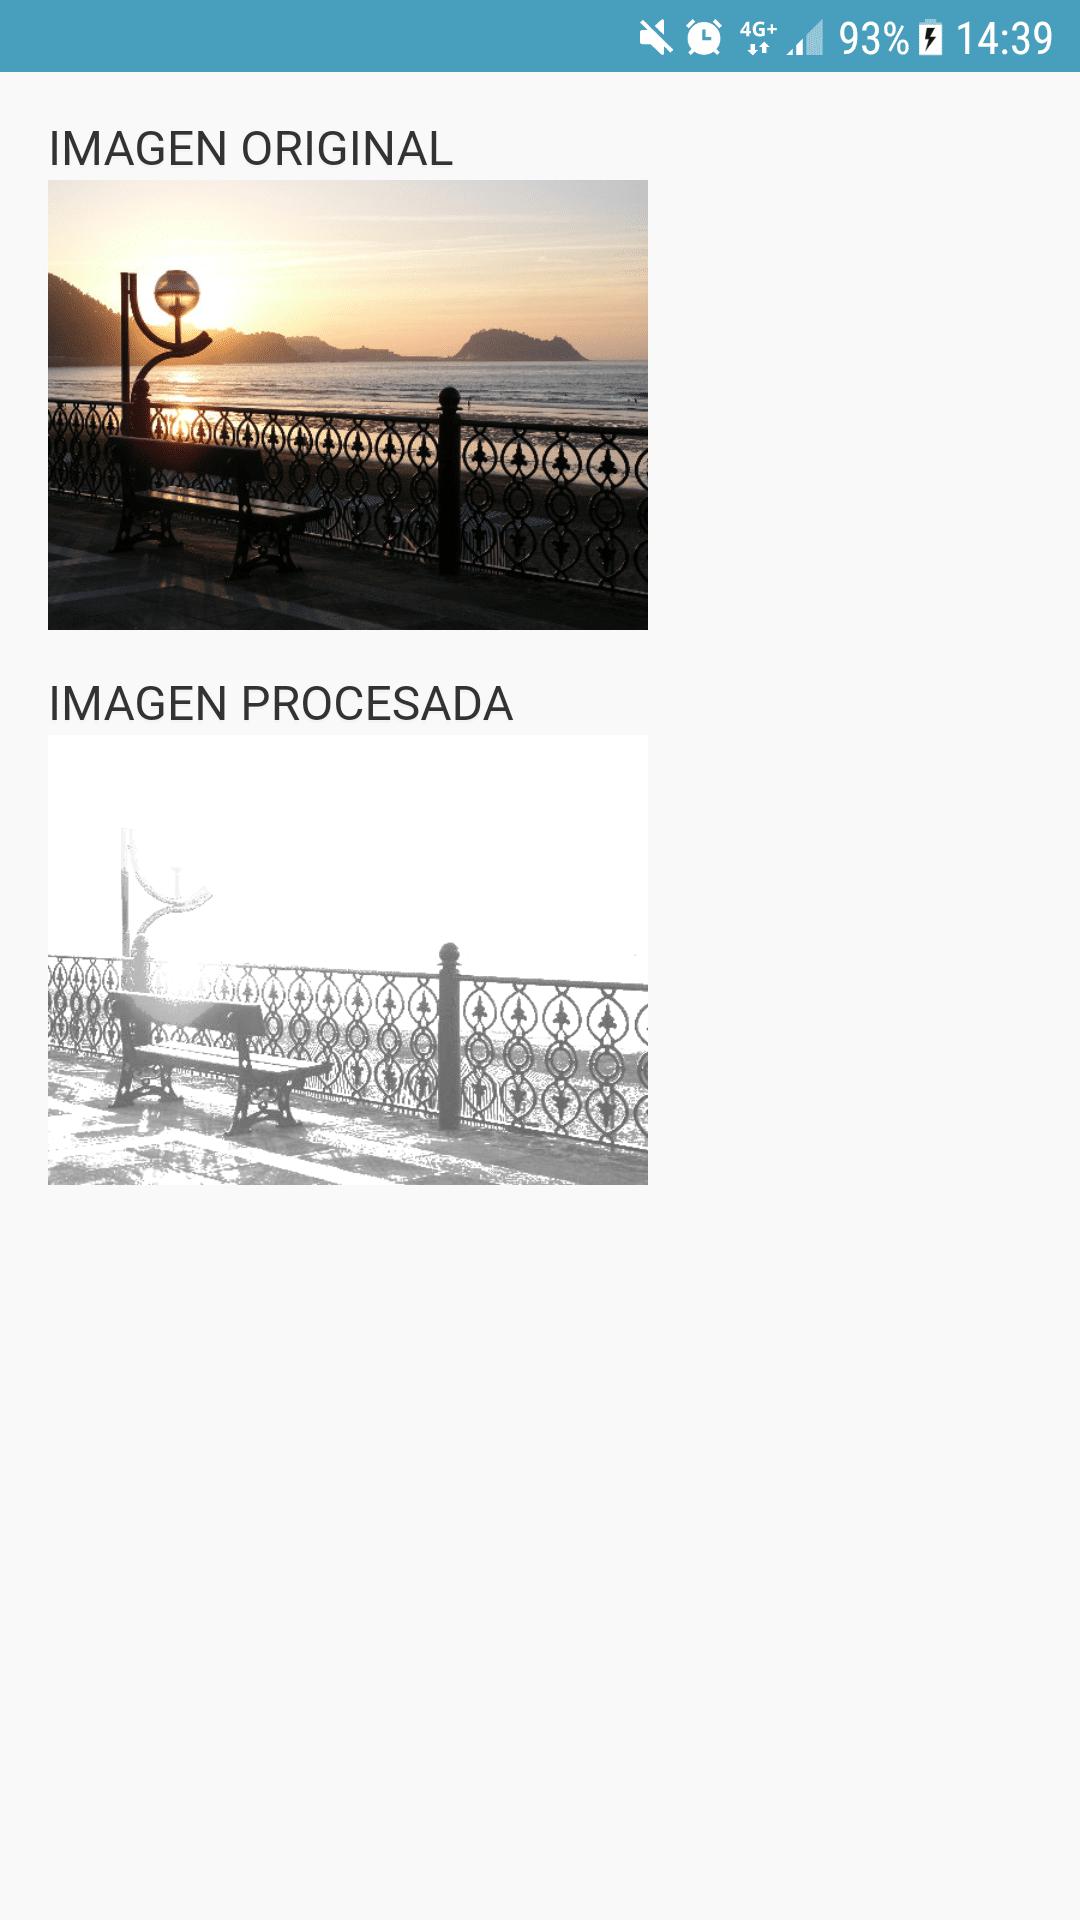 Imagen procesada